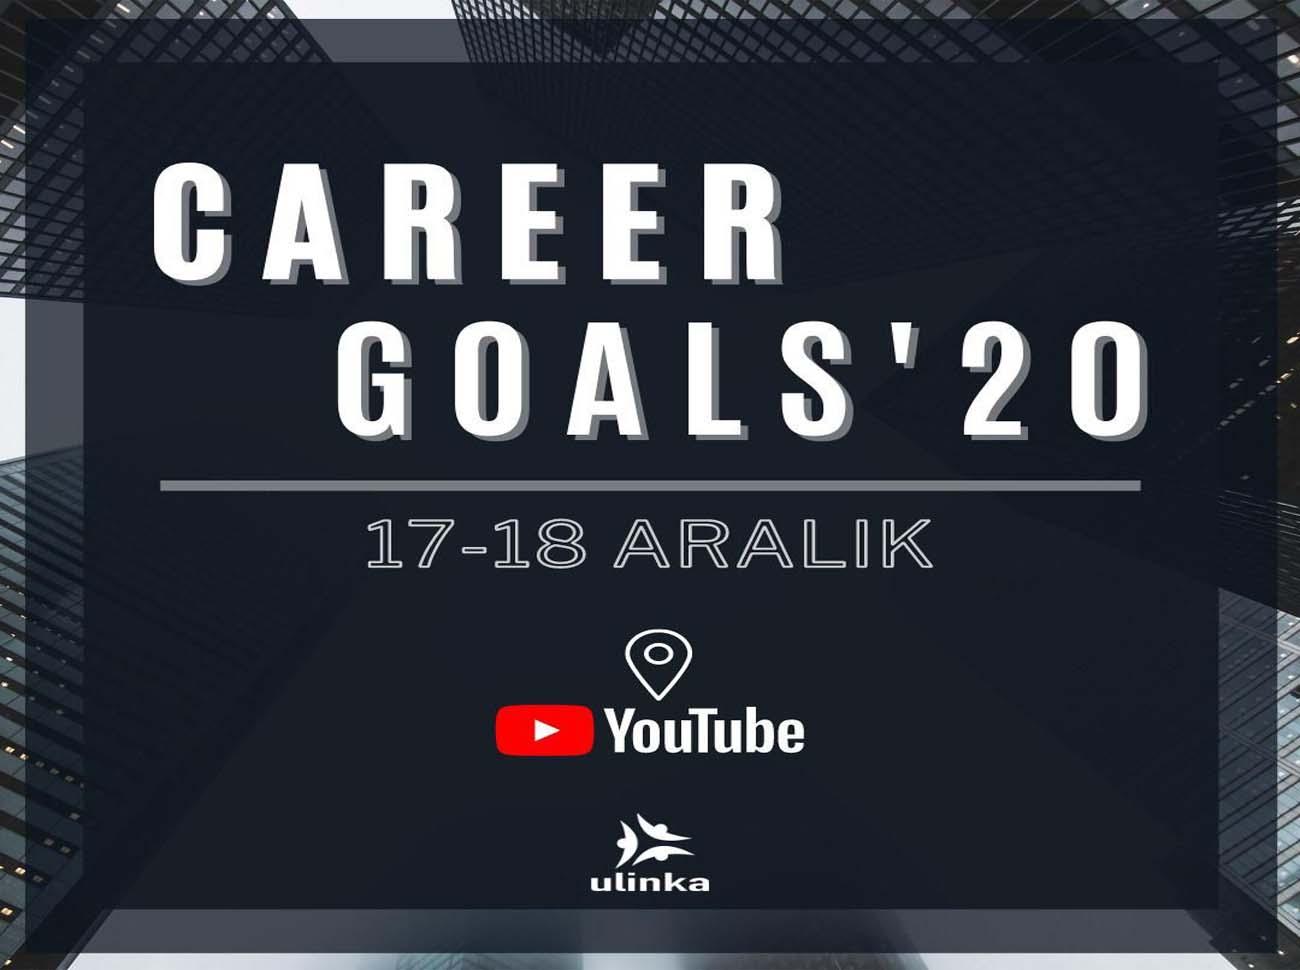 Career Goals 2020 Etkinliği İçin Geri Sayım